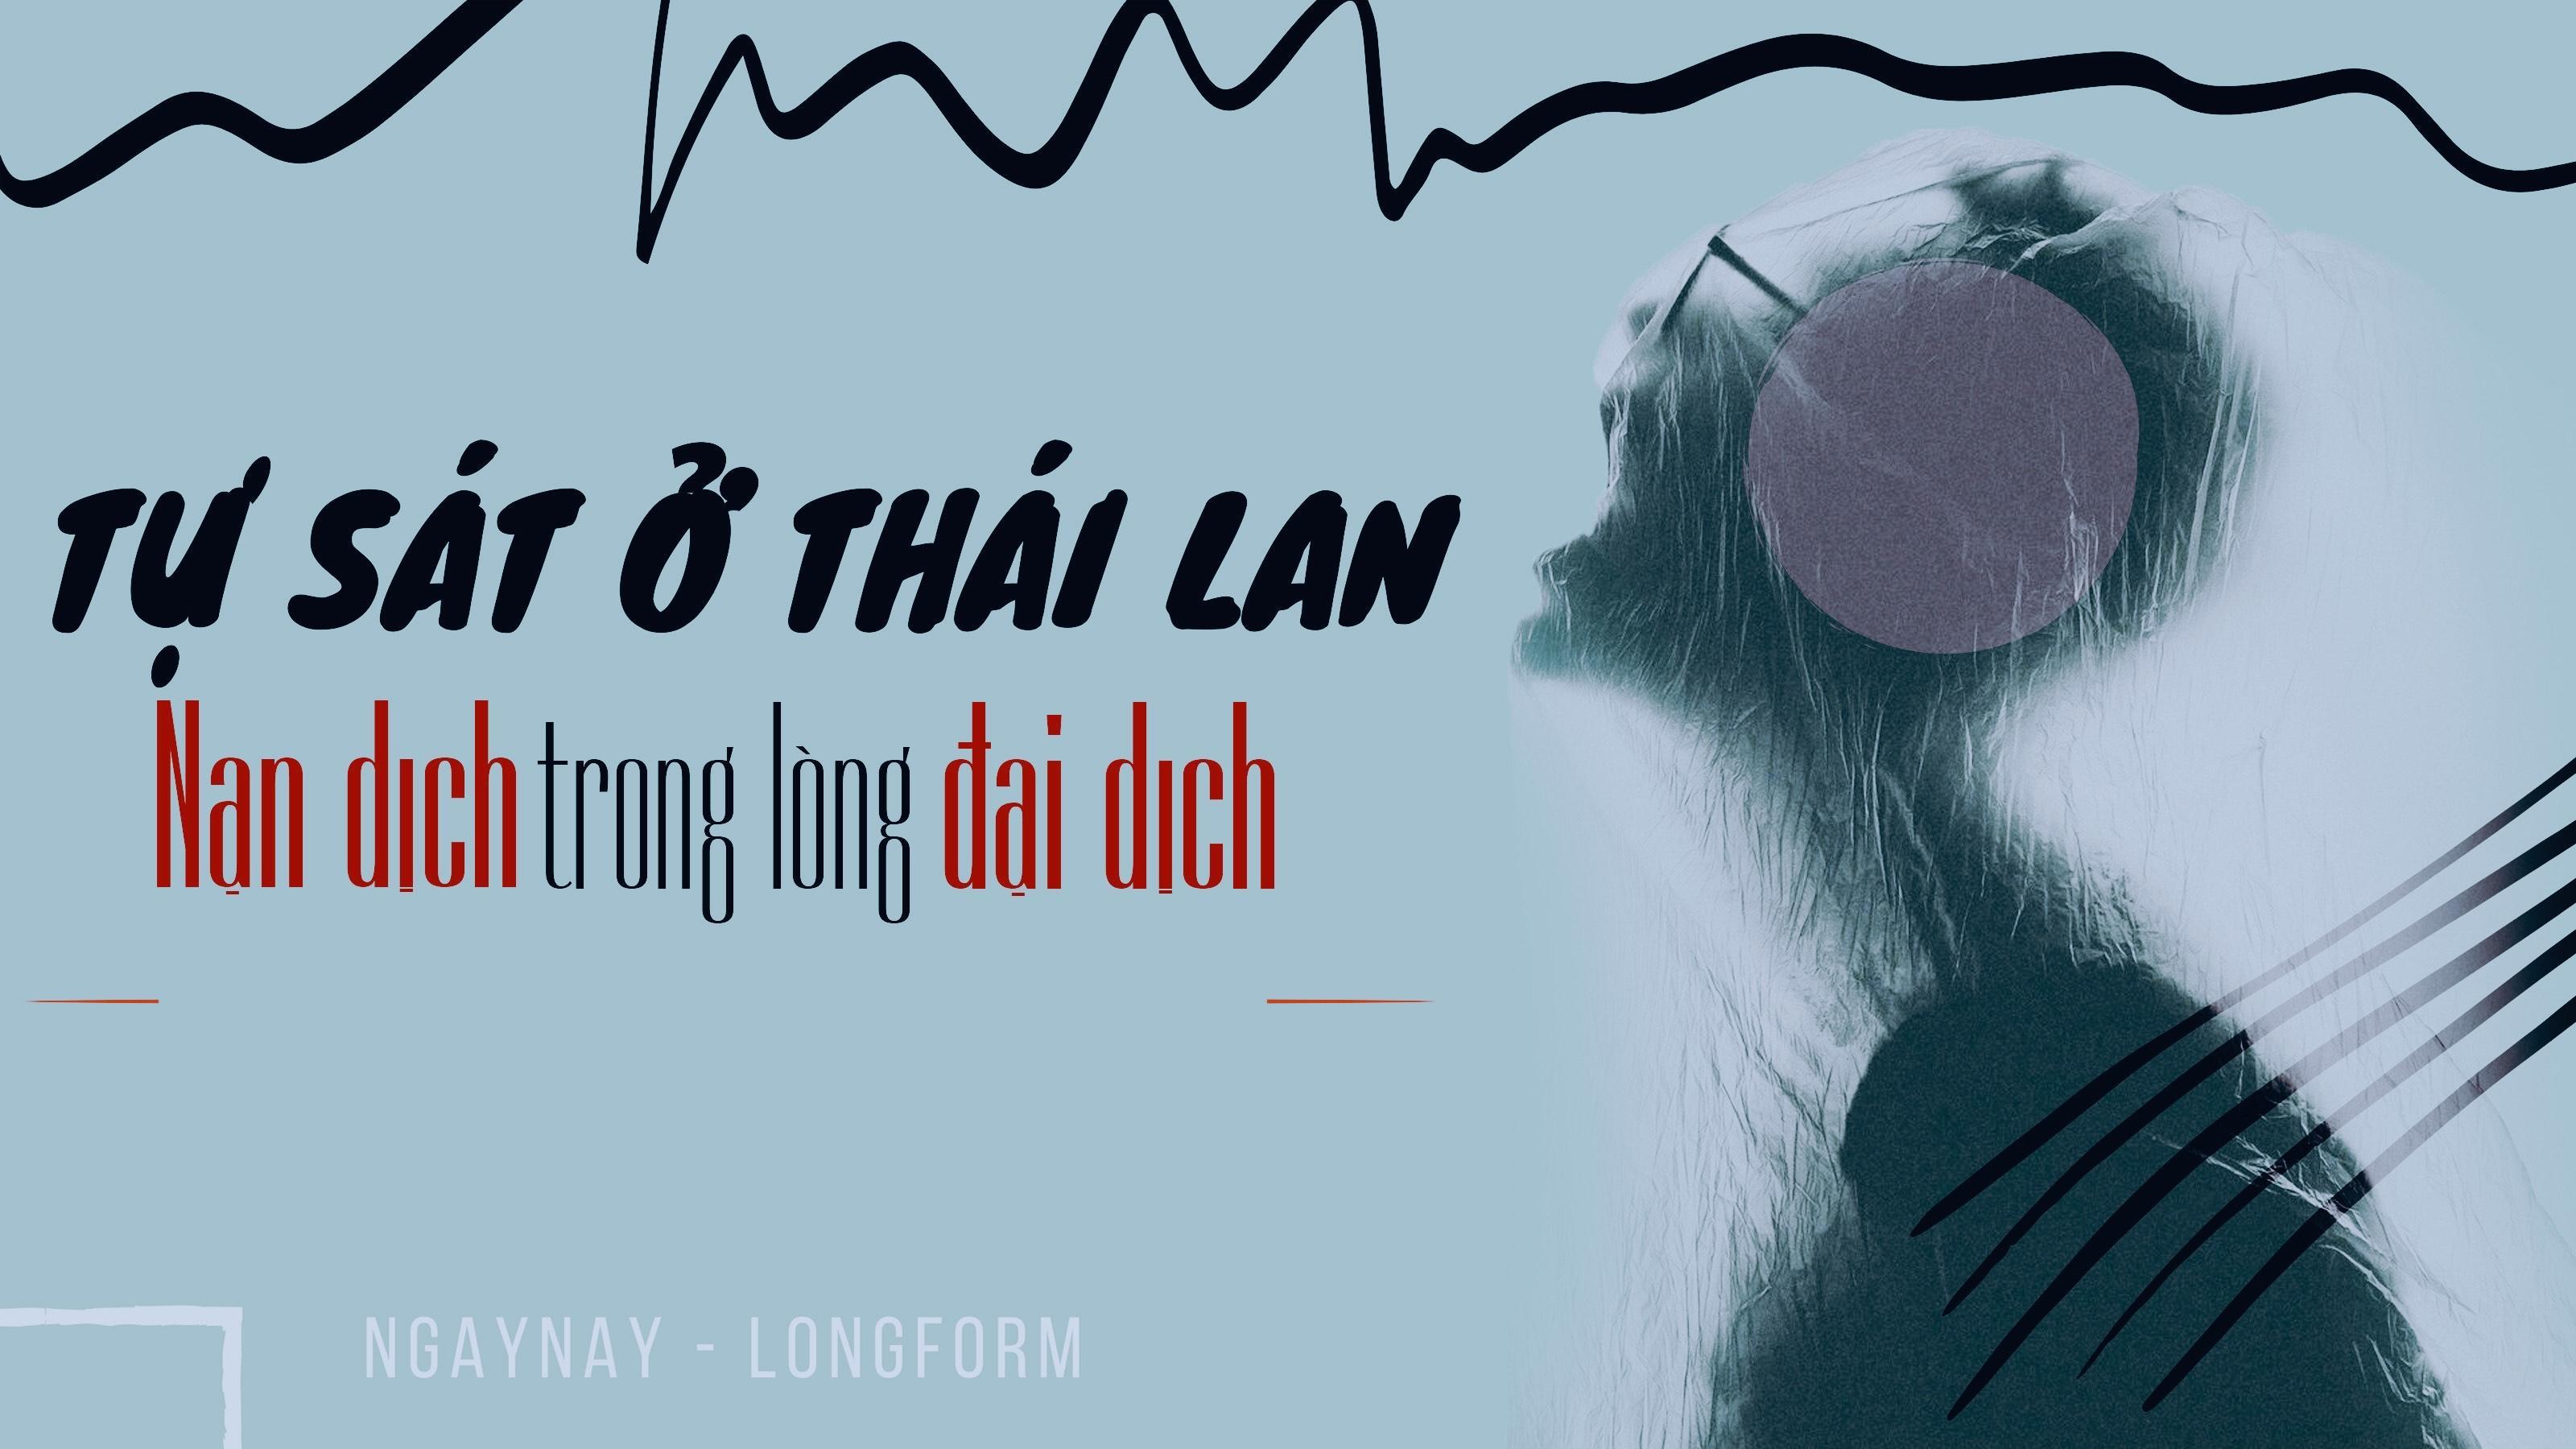 Tự sát ở Thái Lan - Nạn dịch trong lòng đại dịch